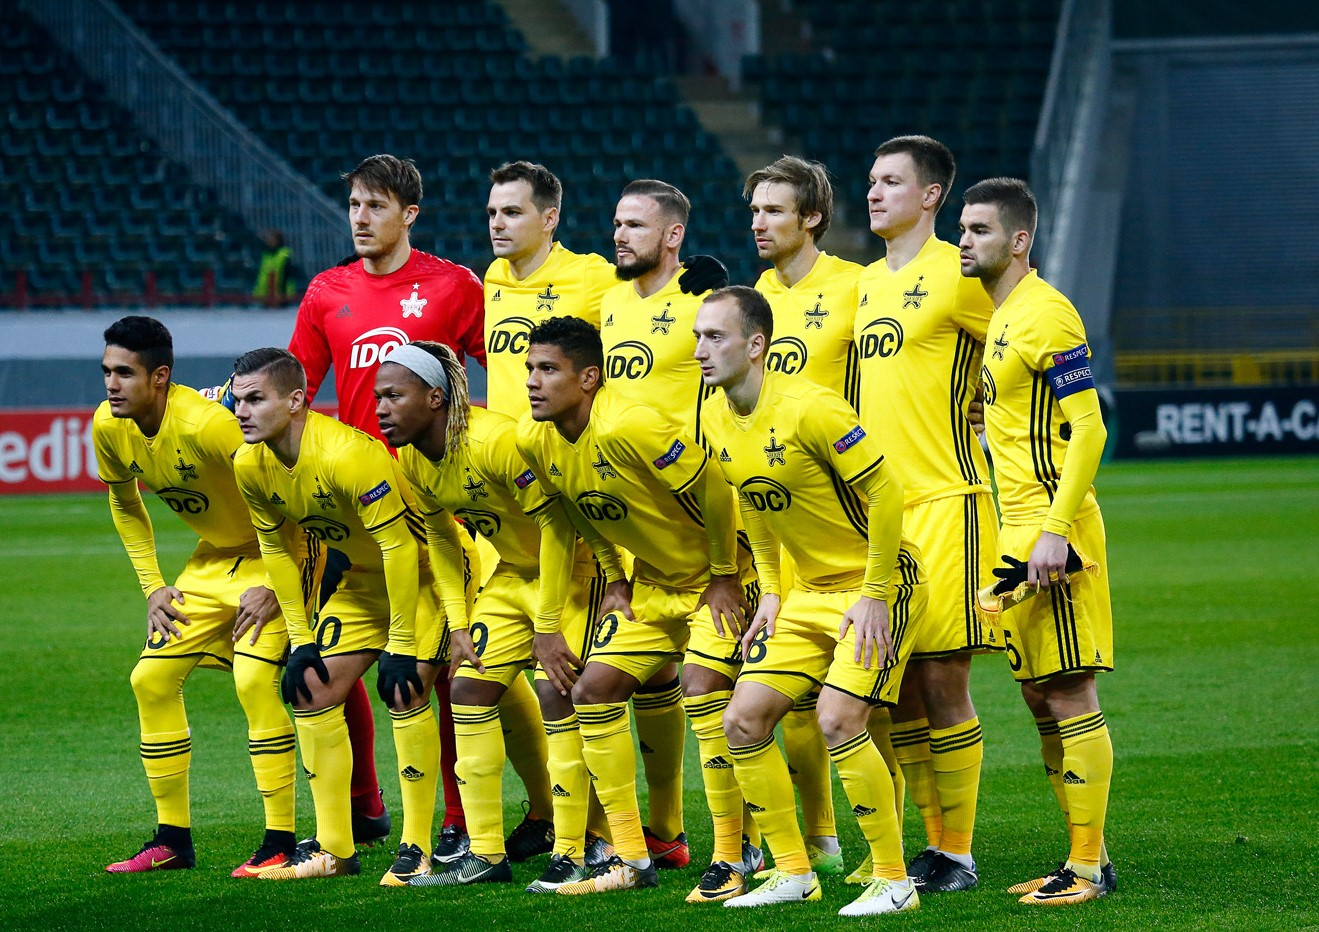 Soi kèo bóng đá Alashkert vs Sheriff Tiraspol bảo đảm chính xác Cúp C1 Châu Âu ngày 20/7/2021 2